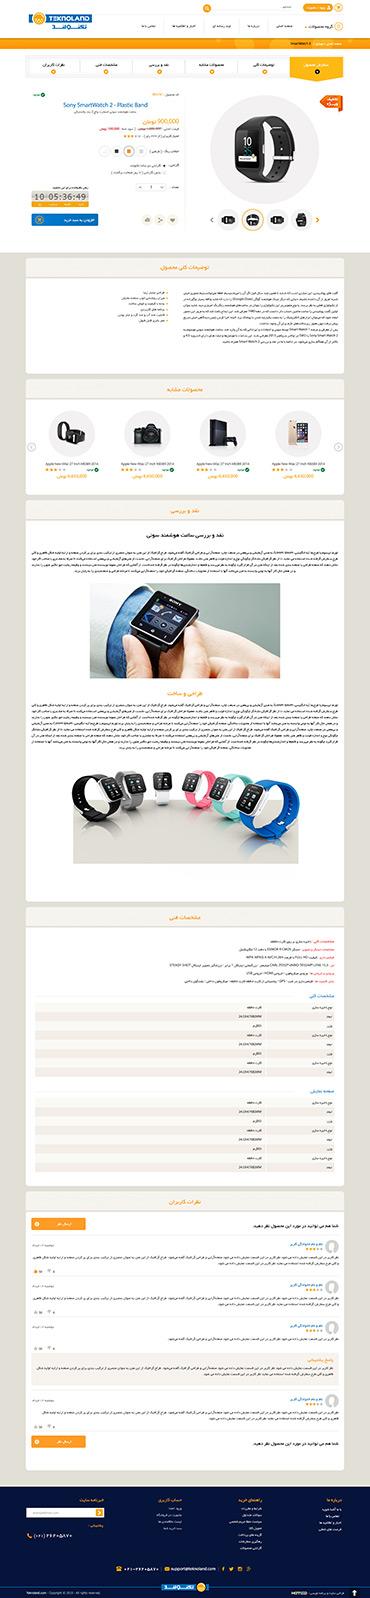 فروشگاه مجازی تکنولند - جزئیات محصول